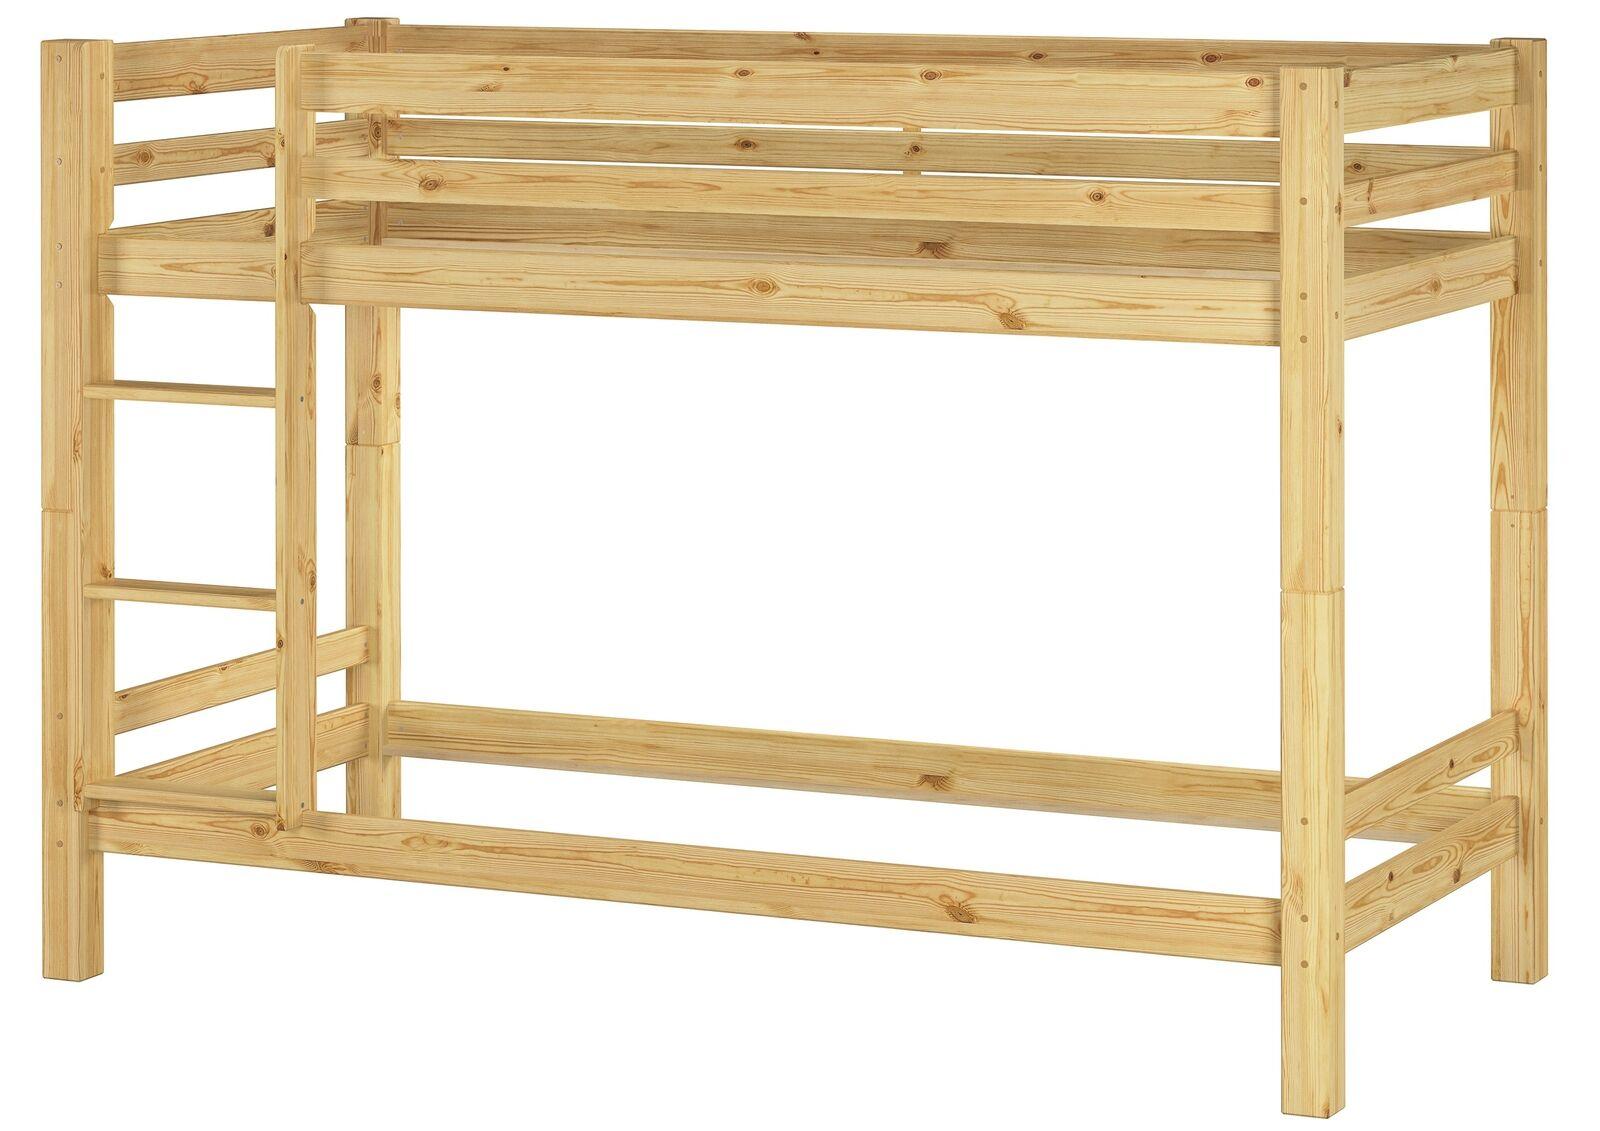 Enfants-Superposé Lits superposés pin massif 90x200 Structure de lit existante 60.09-09 oR